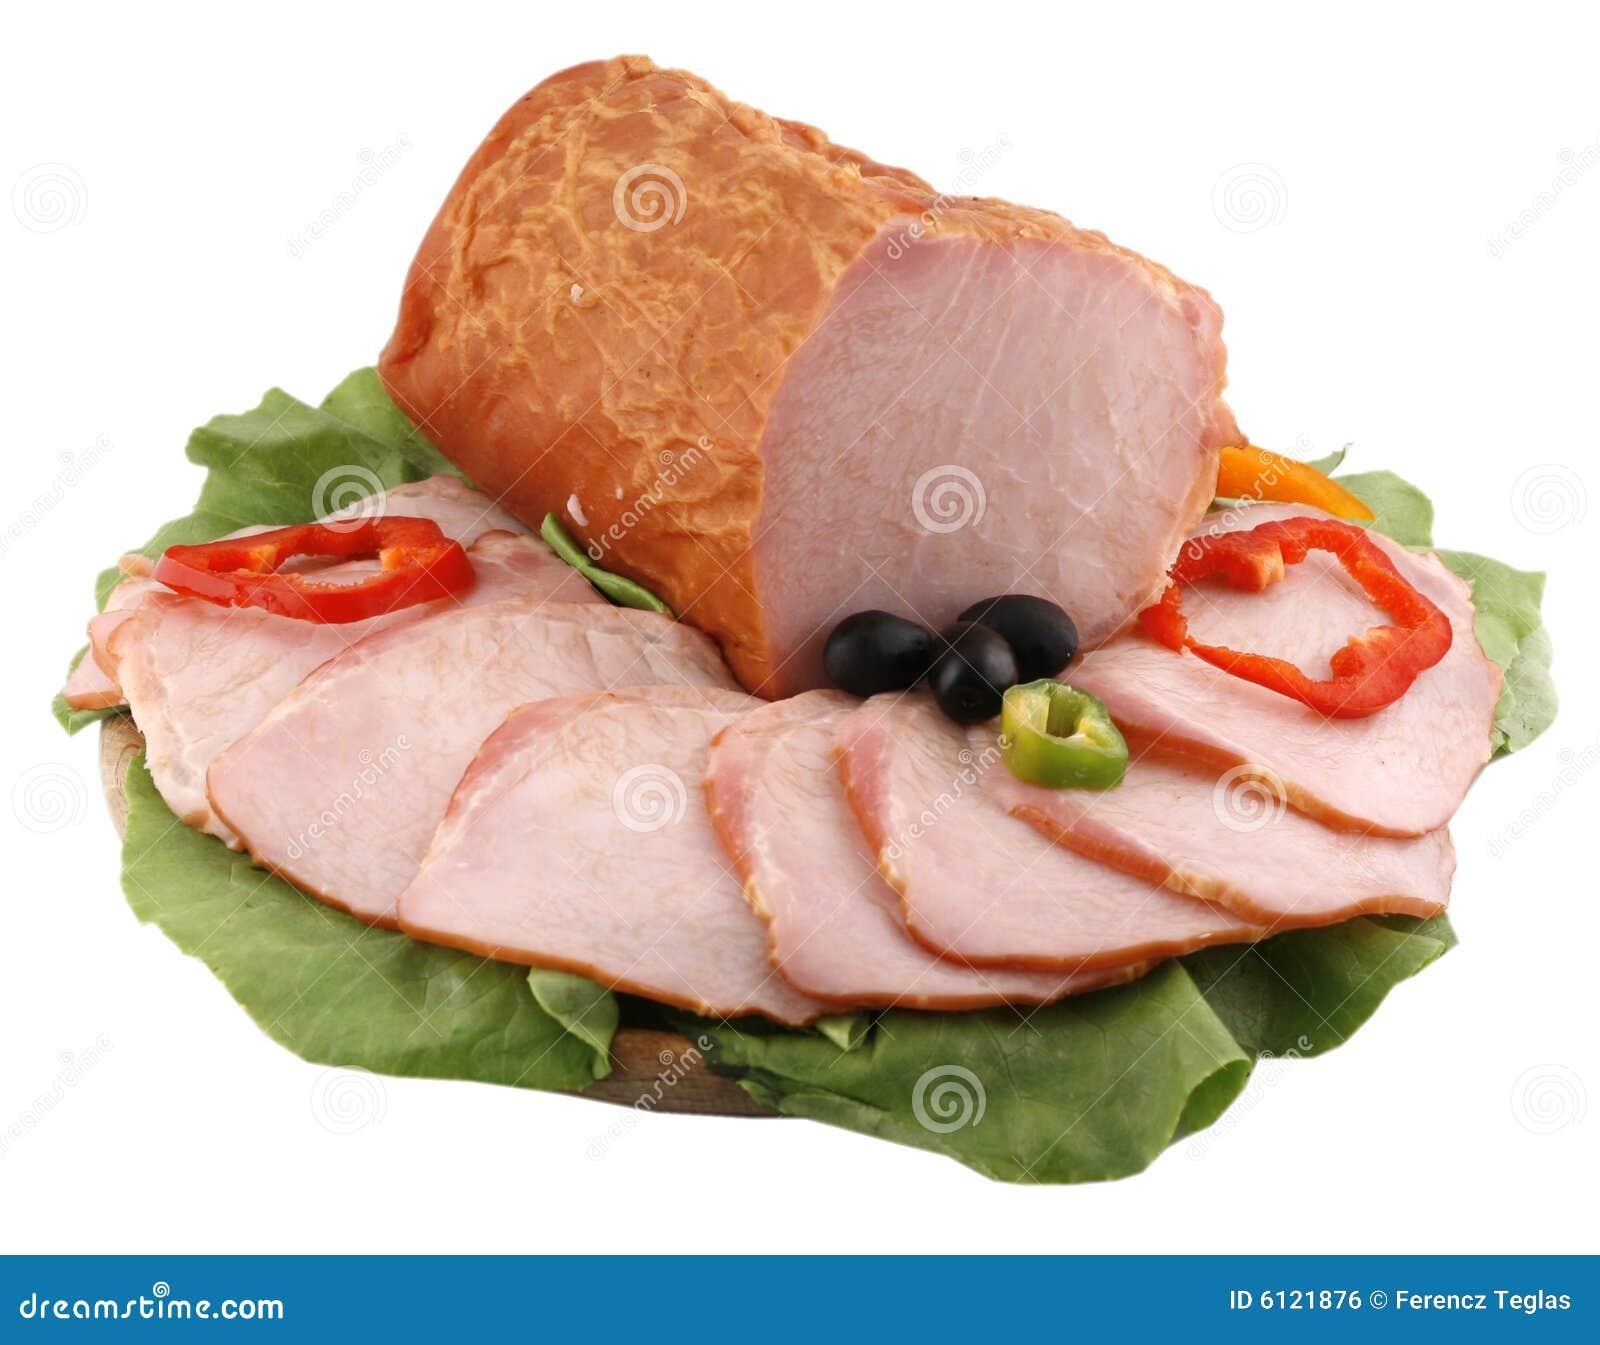 ham brawn yummy - photo #24